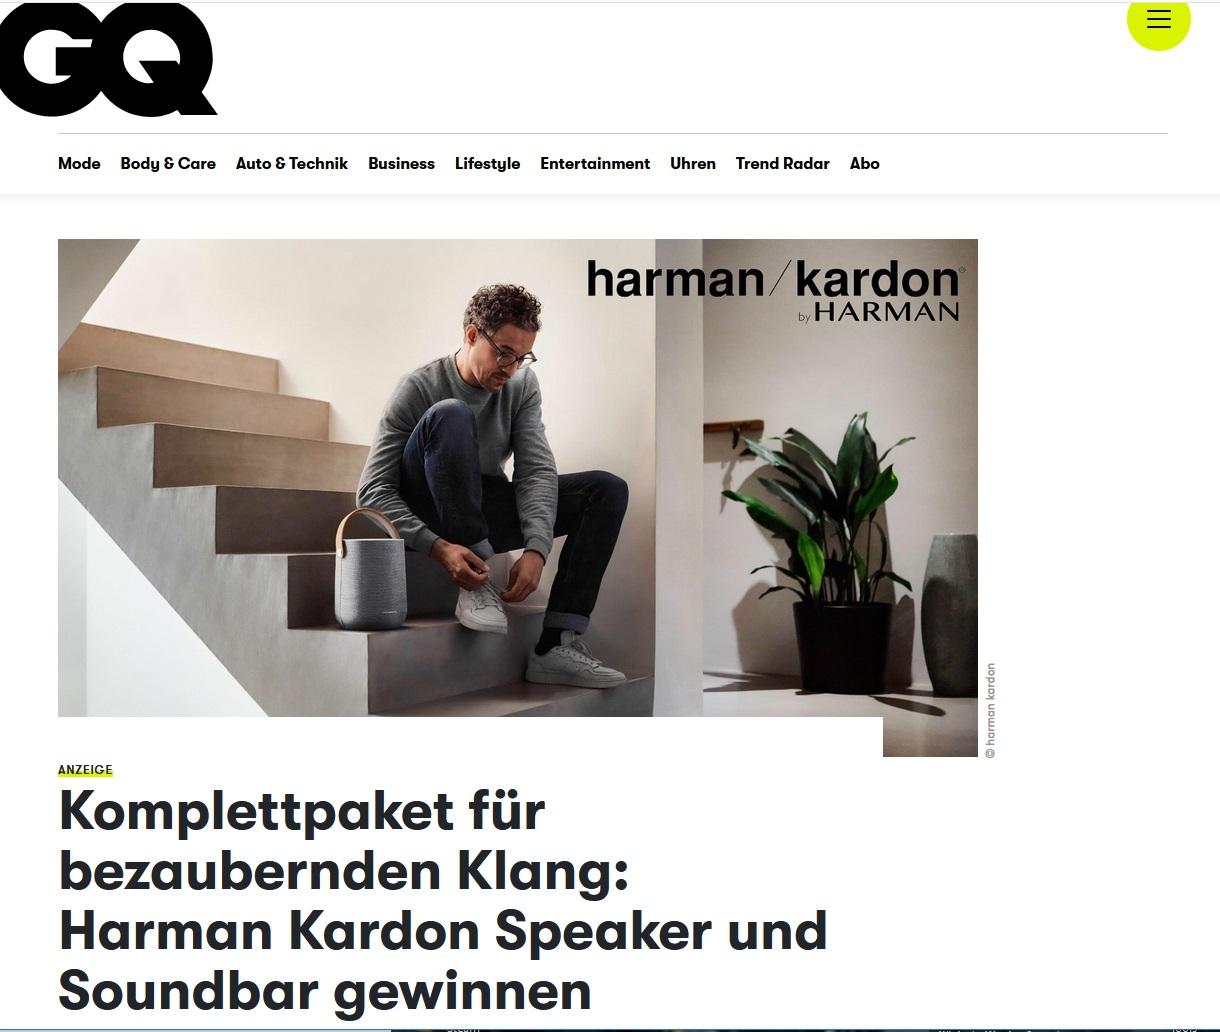 Harman Kardon Speaker und Soundbar gewinnen GQ Gewinnspiel